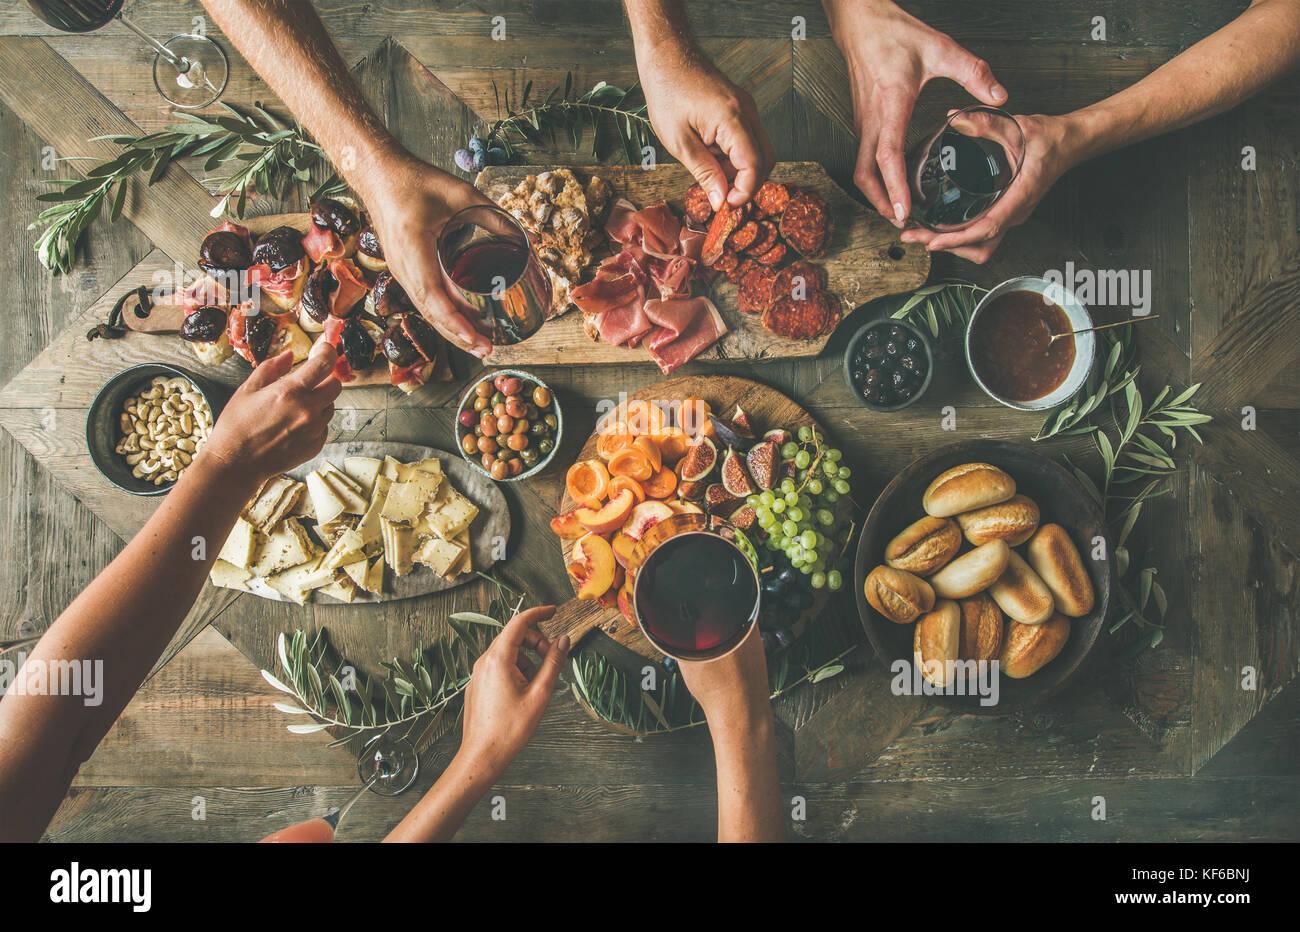 Blick von oben auf die Menschen trinken und Essen über Tabelle Stockbild